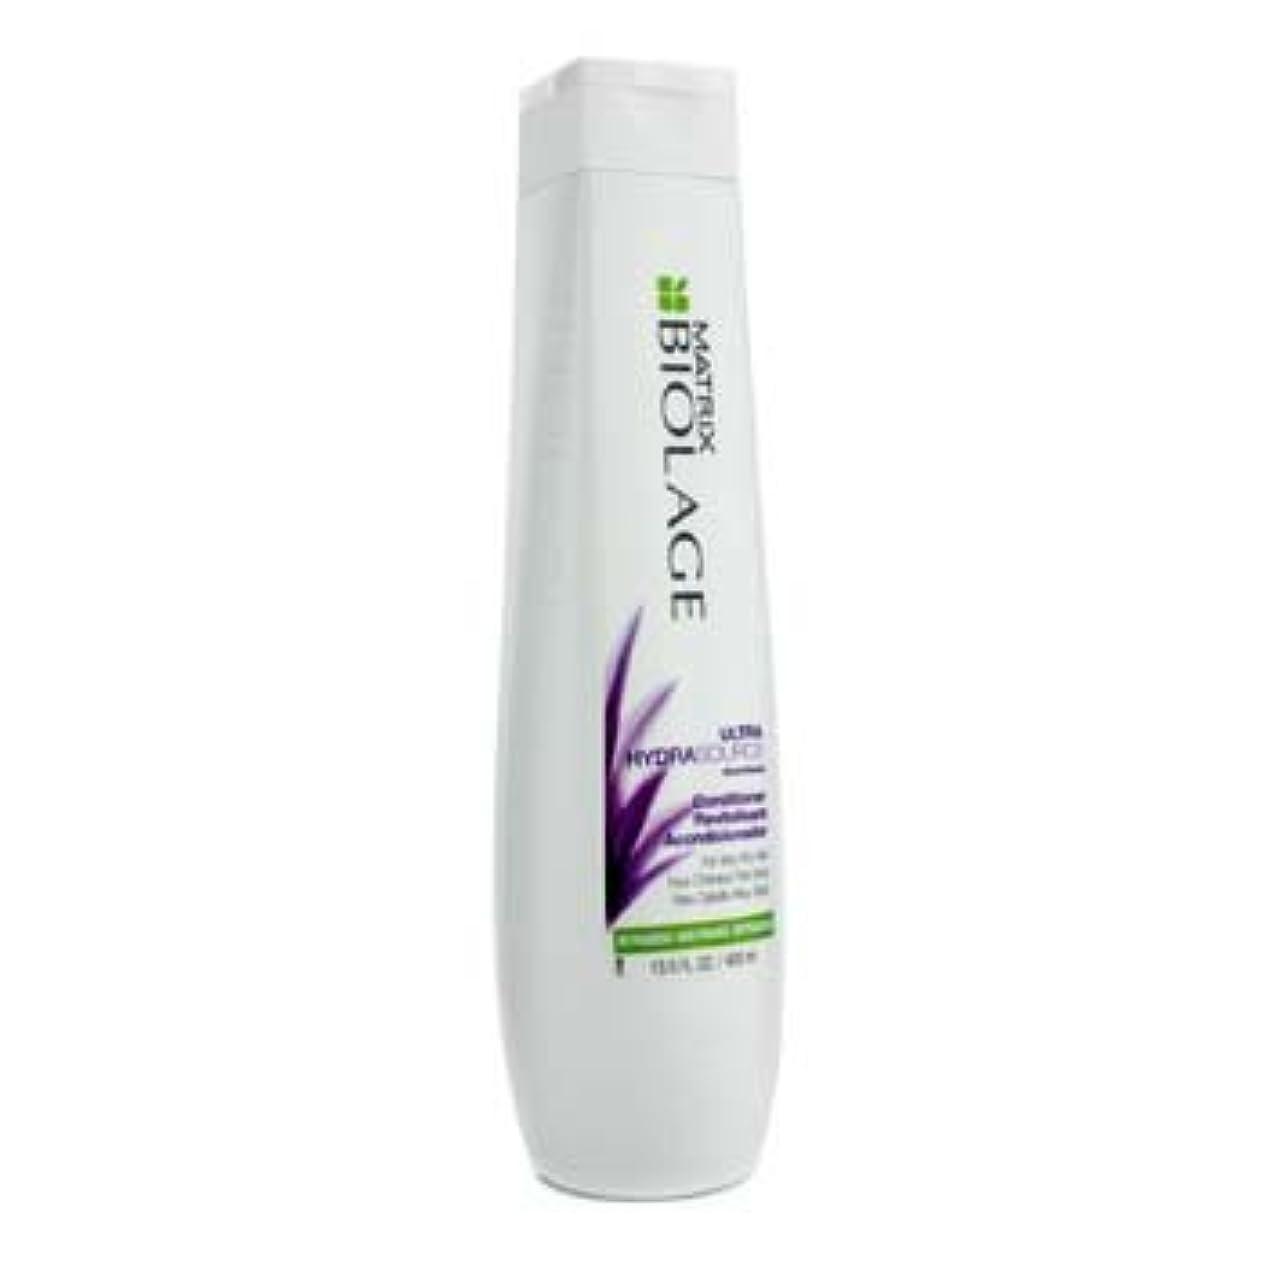 コーデリアダム太い[Matrix] Biolage Ultra HydraSource Conditioner (For Very Dry Hair) 400ml/13.5oz